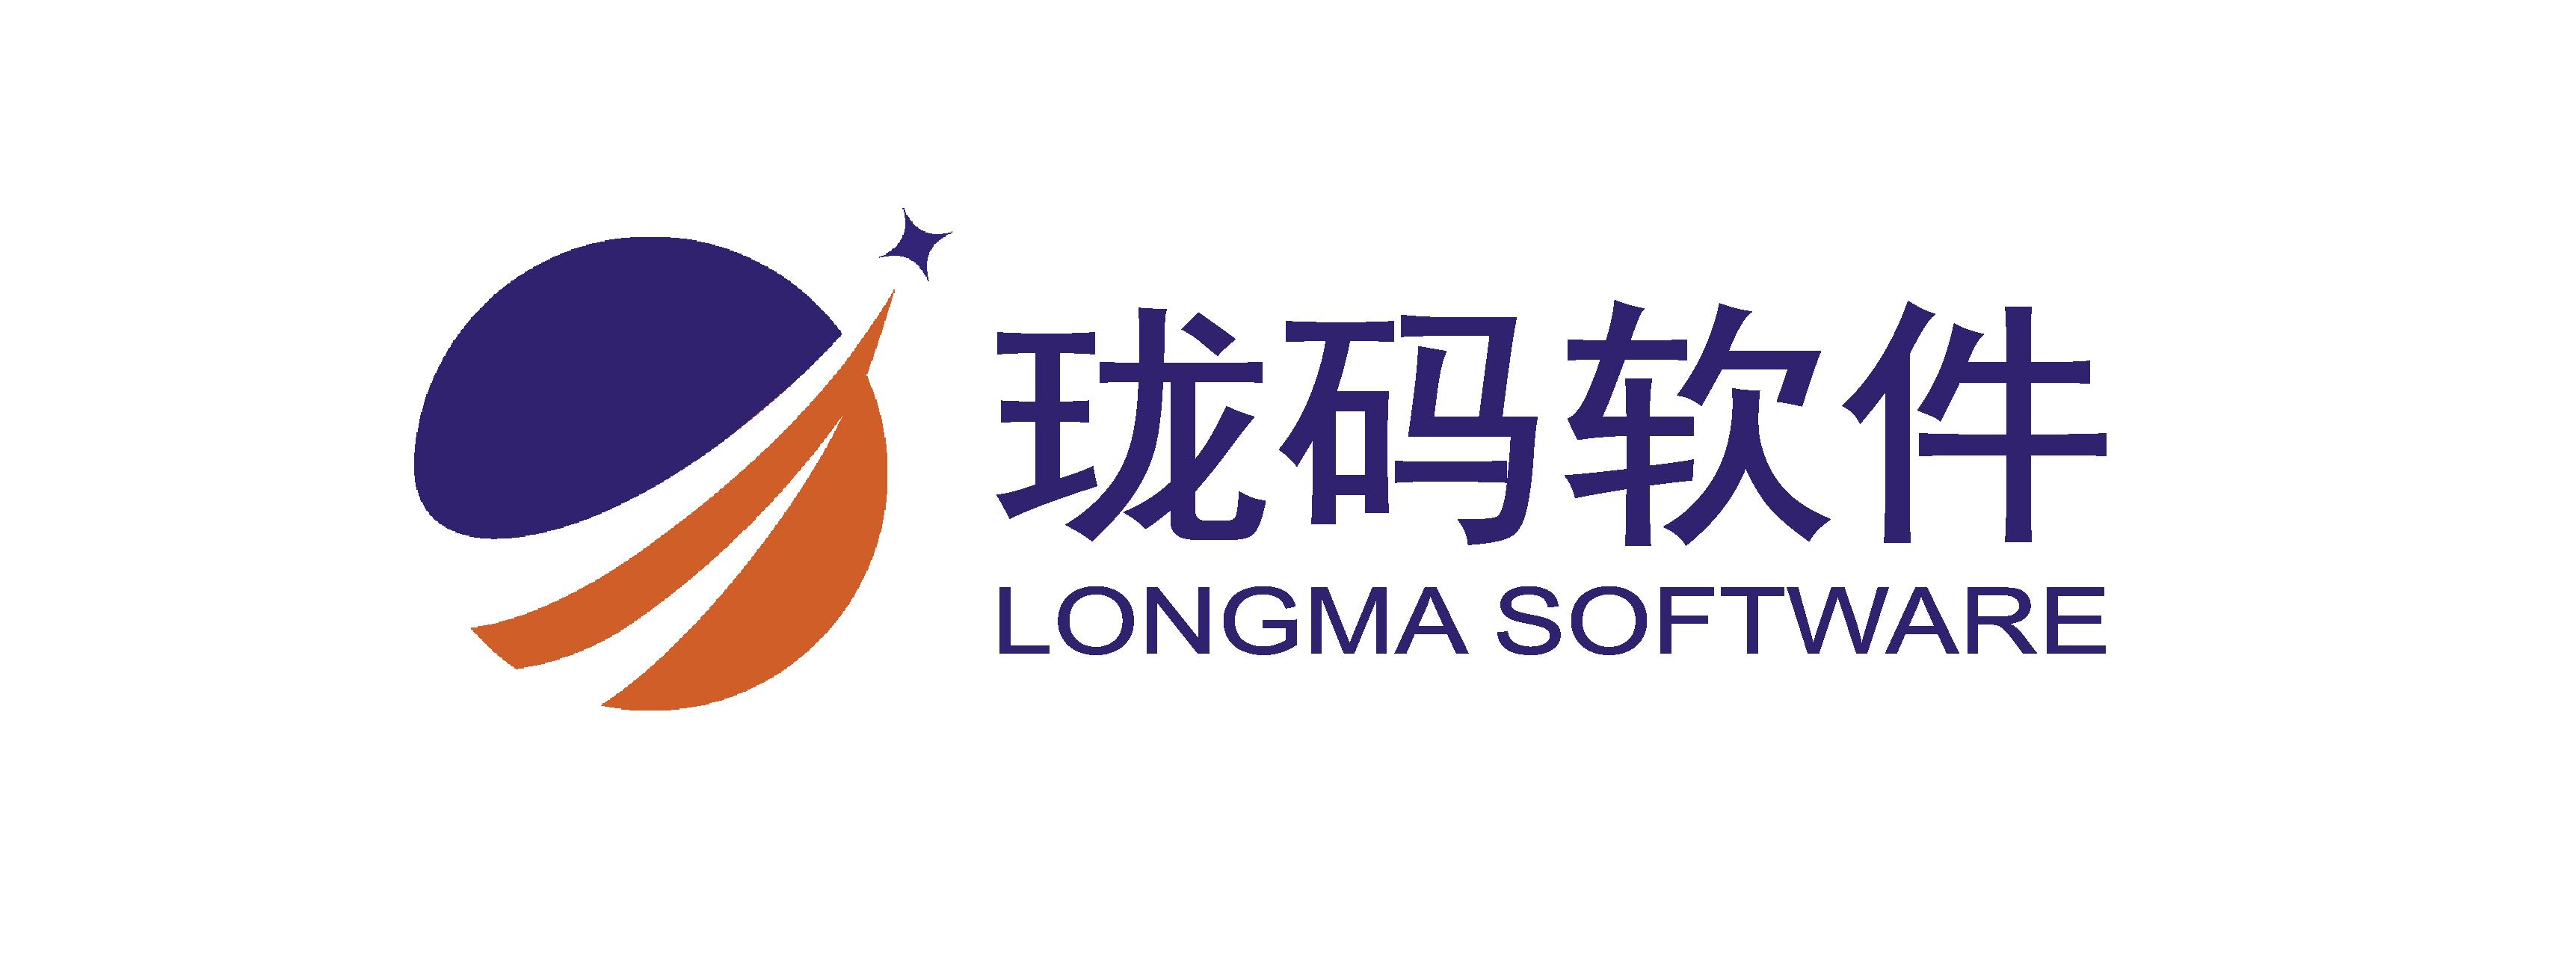 河南珑码软件技术有限公司;